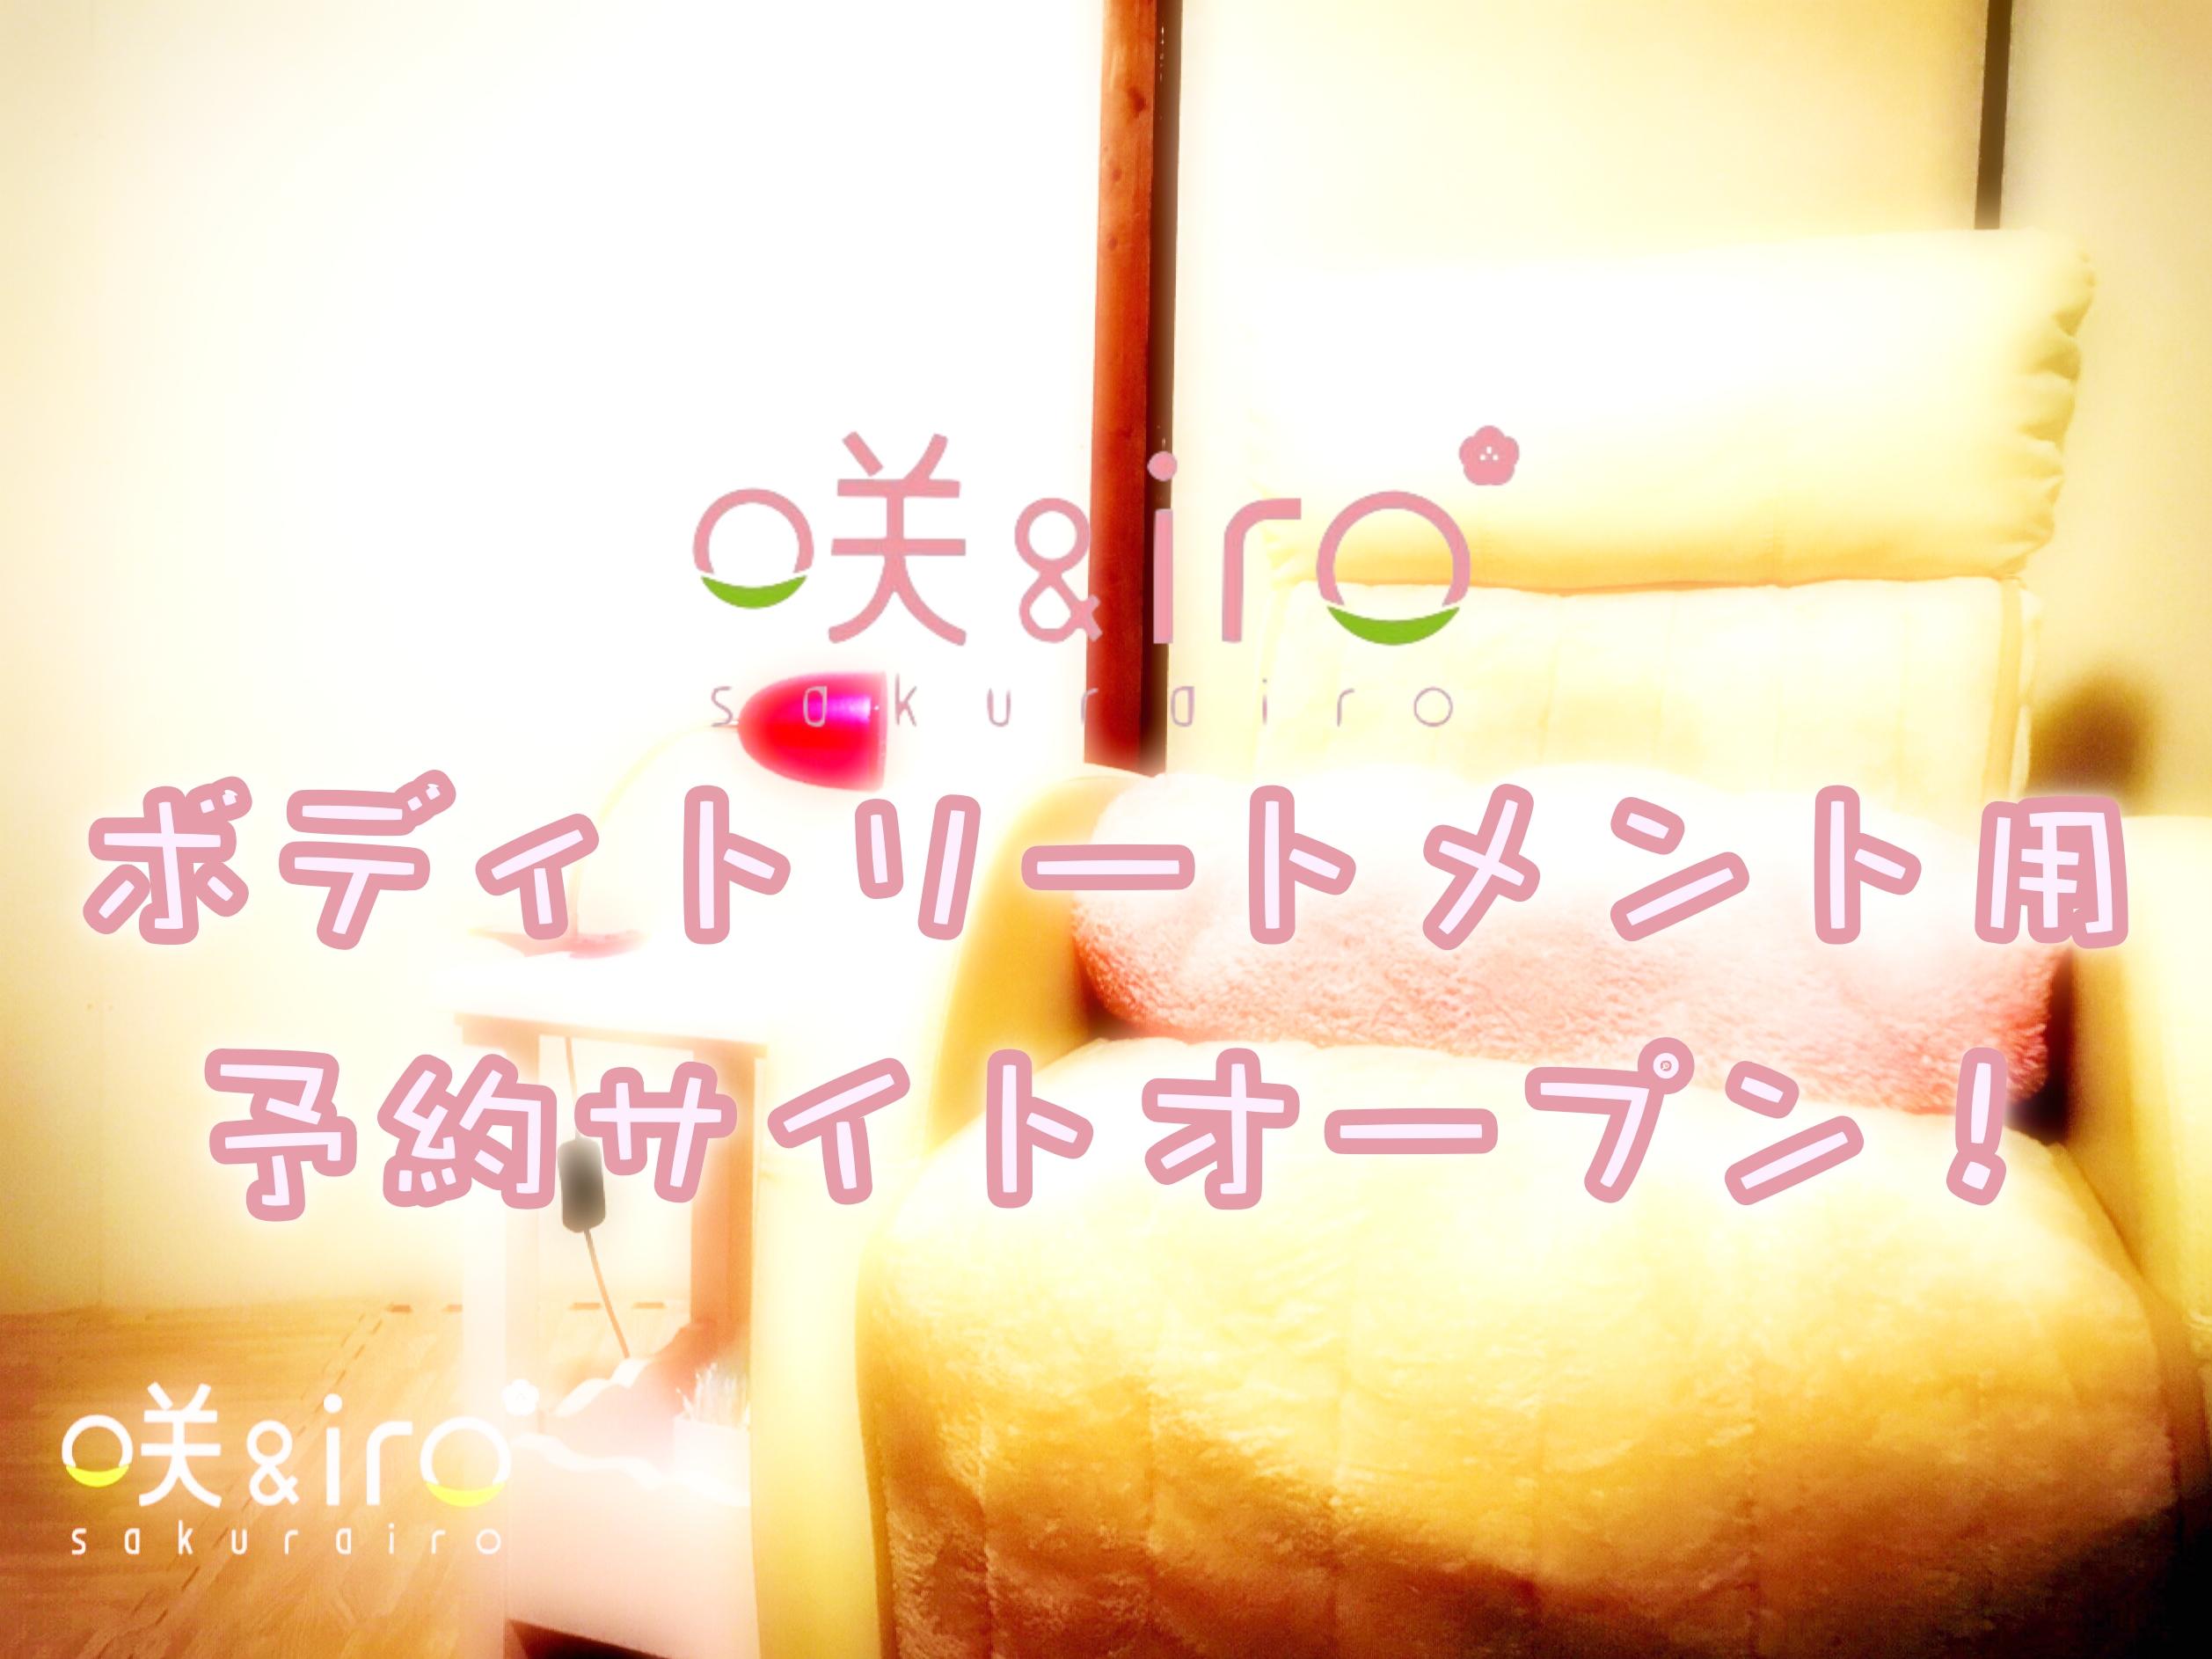 咲&iro*(サクライロ) ボディトリートメント予約サイトオープン!